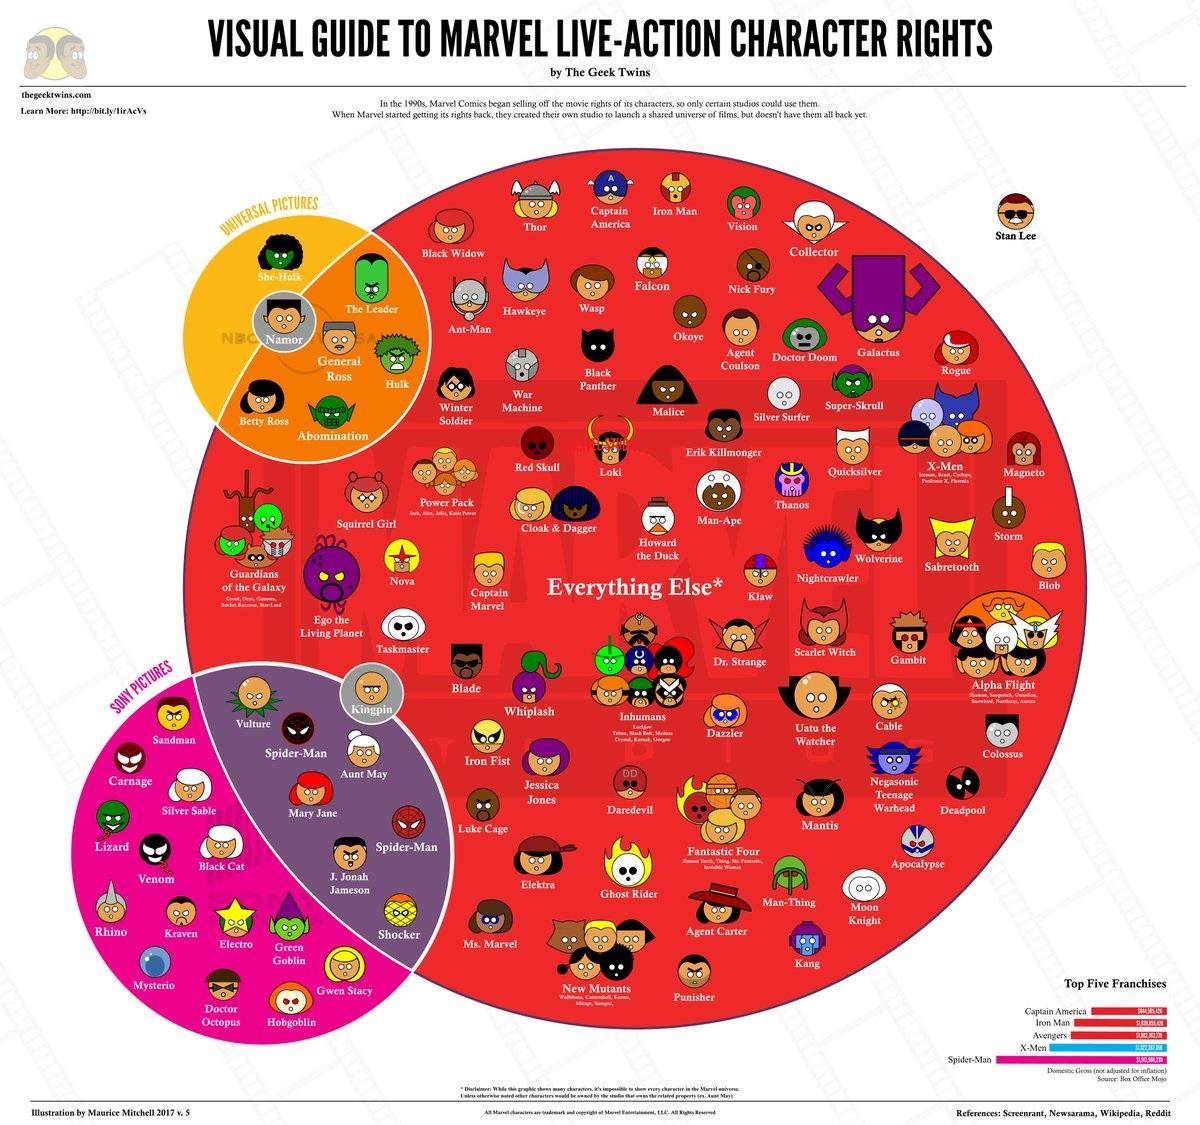 Marvel rechten superhelden